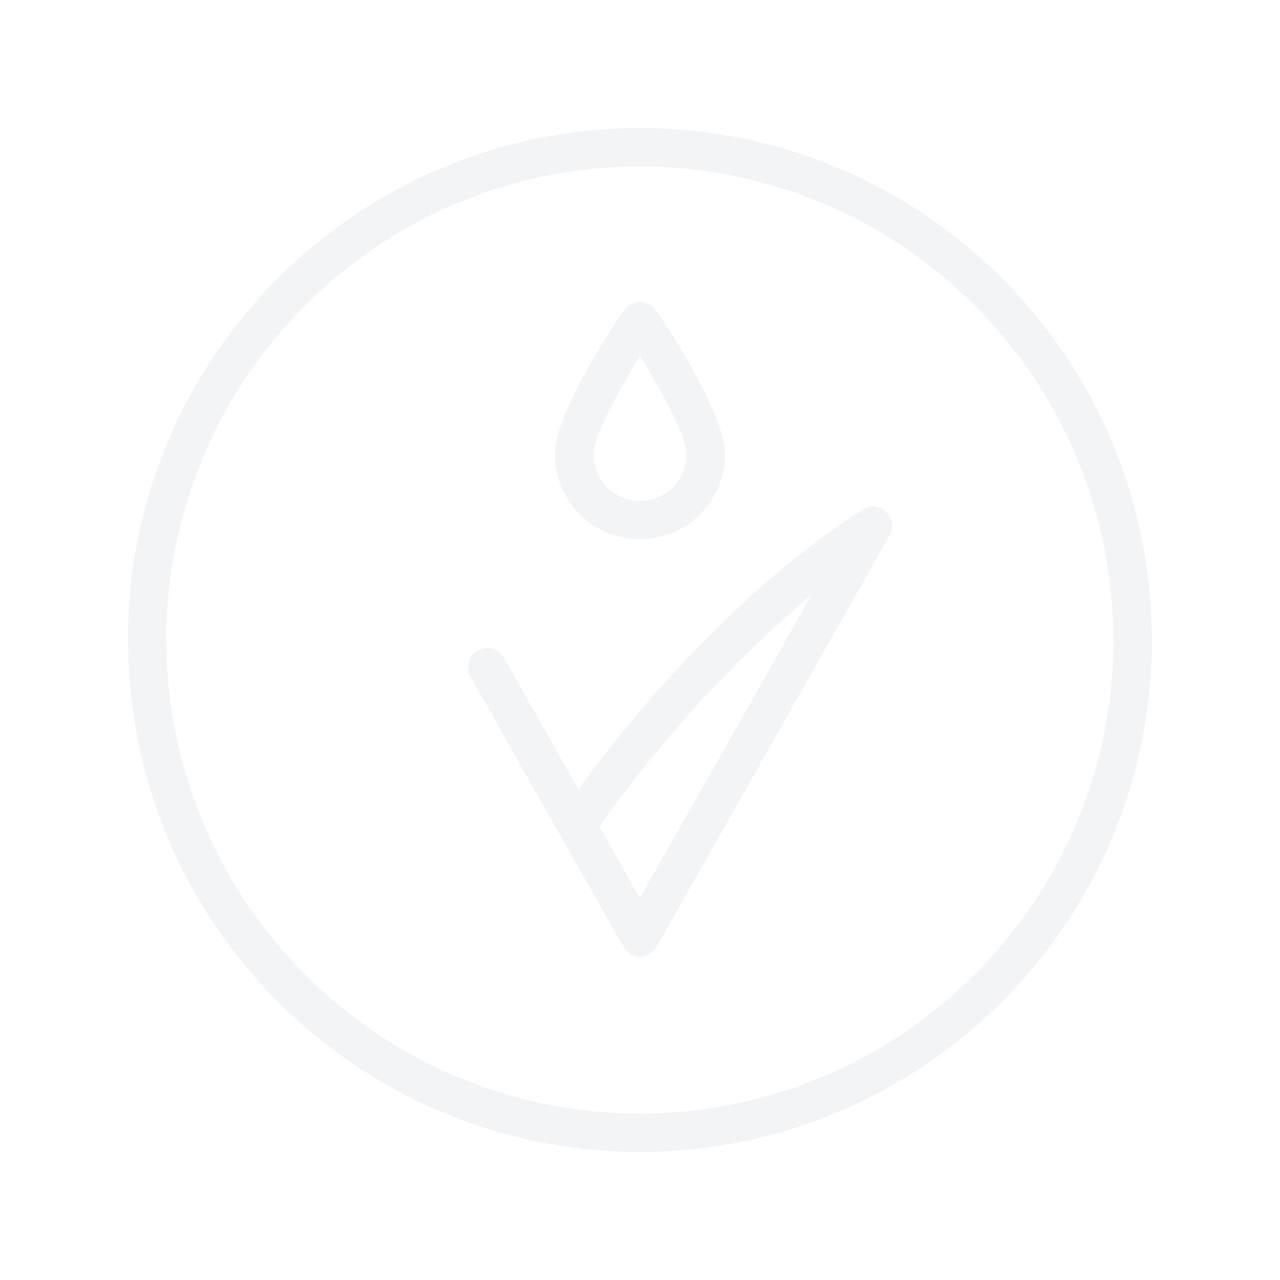 KLORANE Ultra Gentle Shampoo With Oat Milk